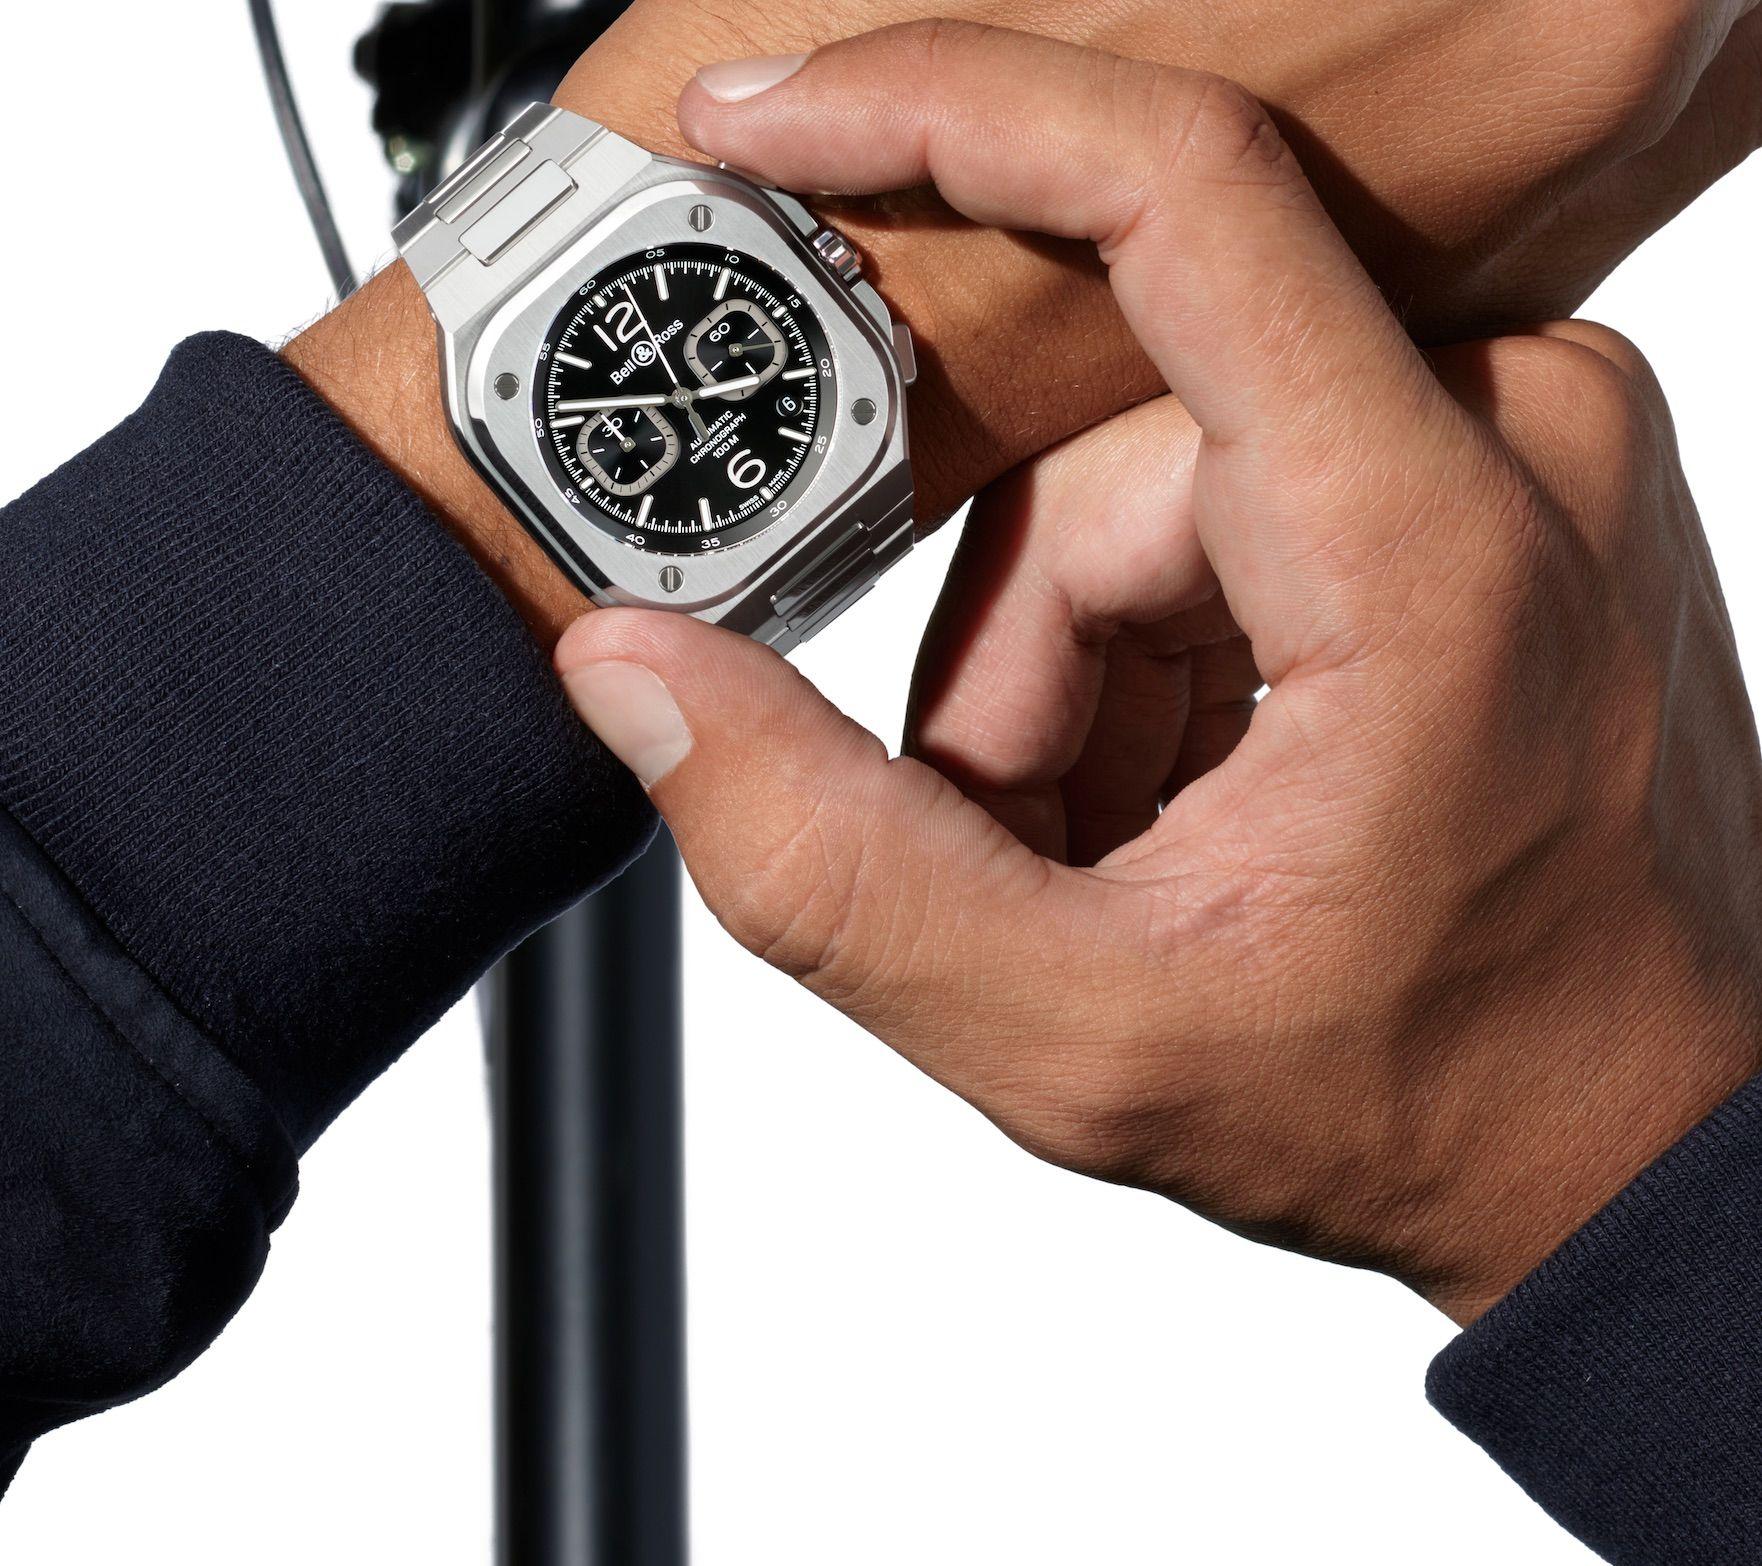 Quand un gros œil surveille les minutes et quand le ricin tisse les bracelets : c'est l'actualité des montres